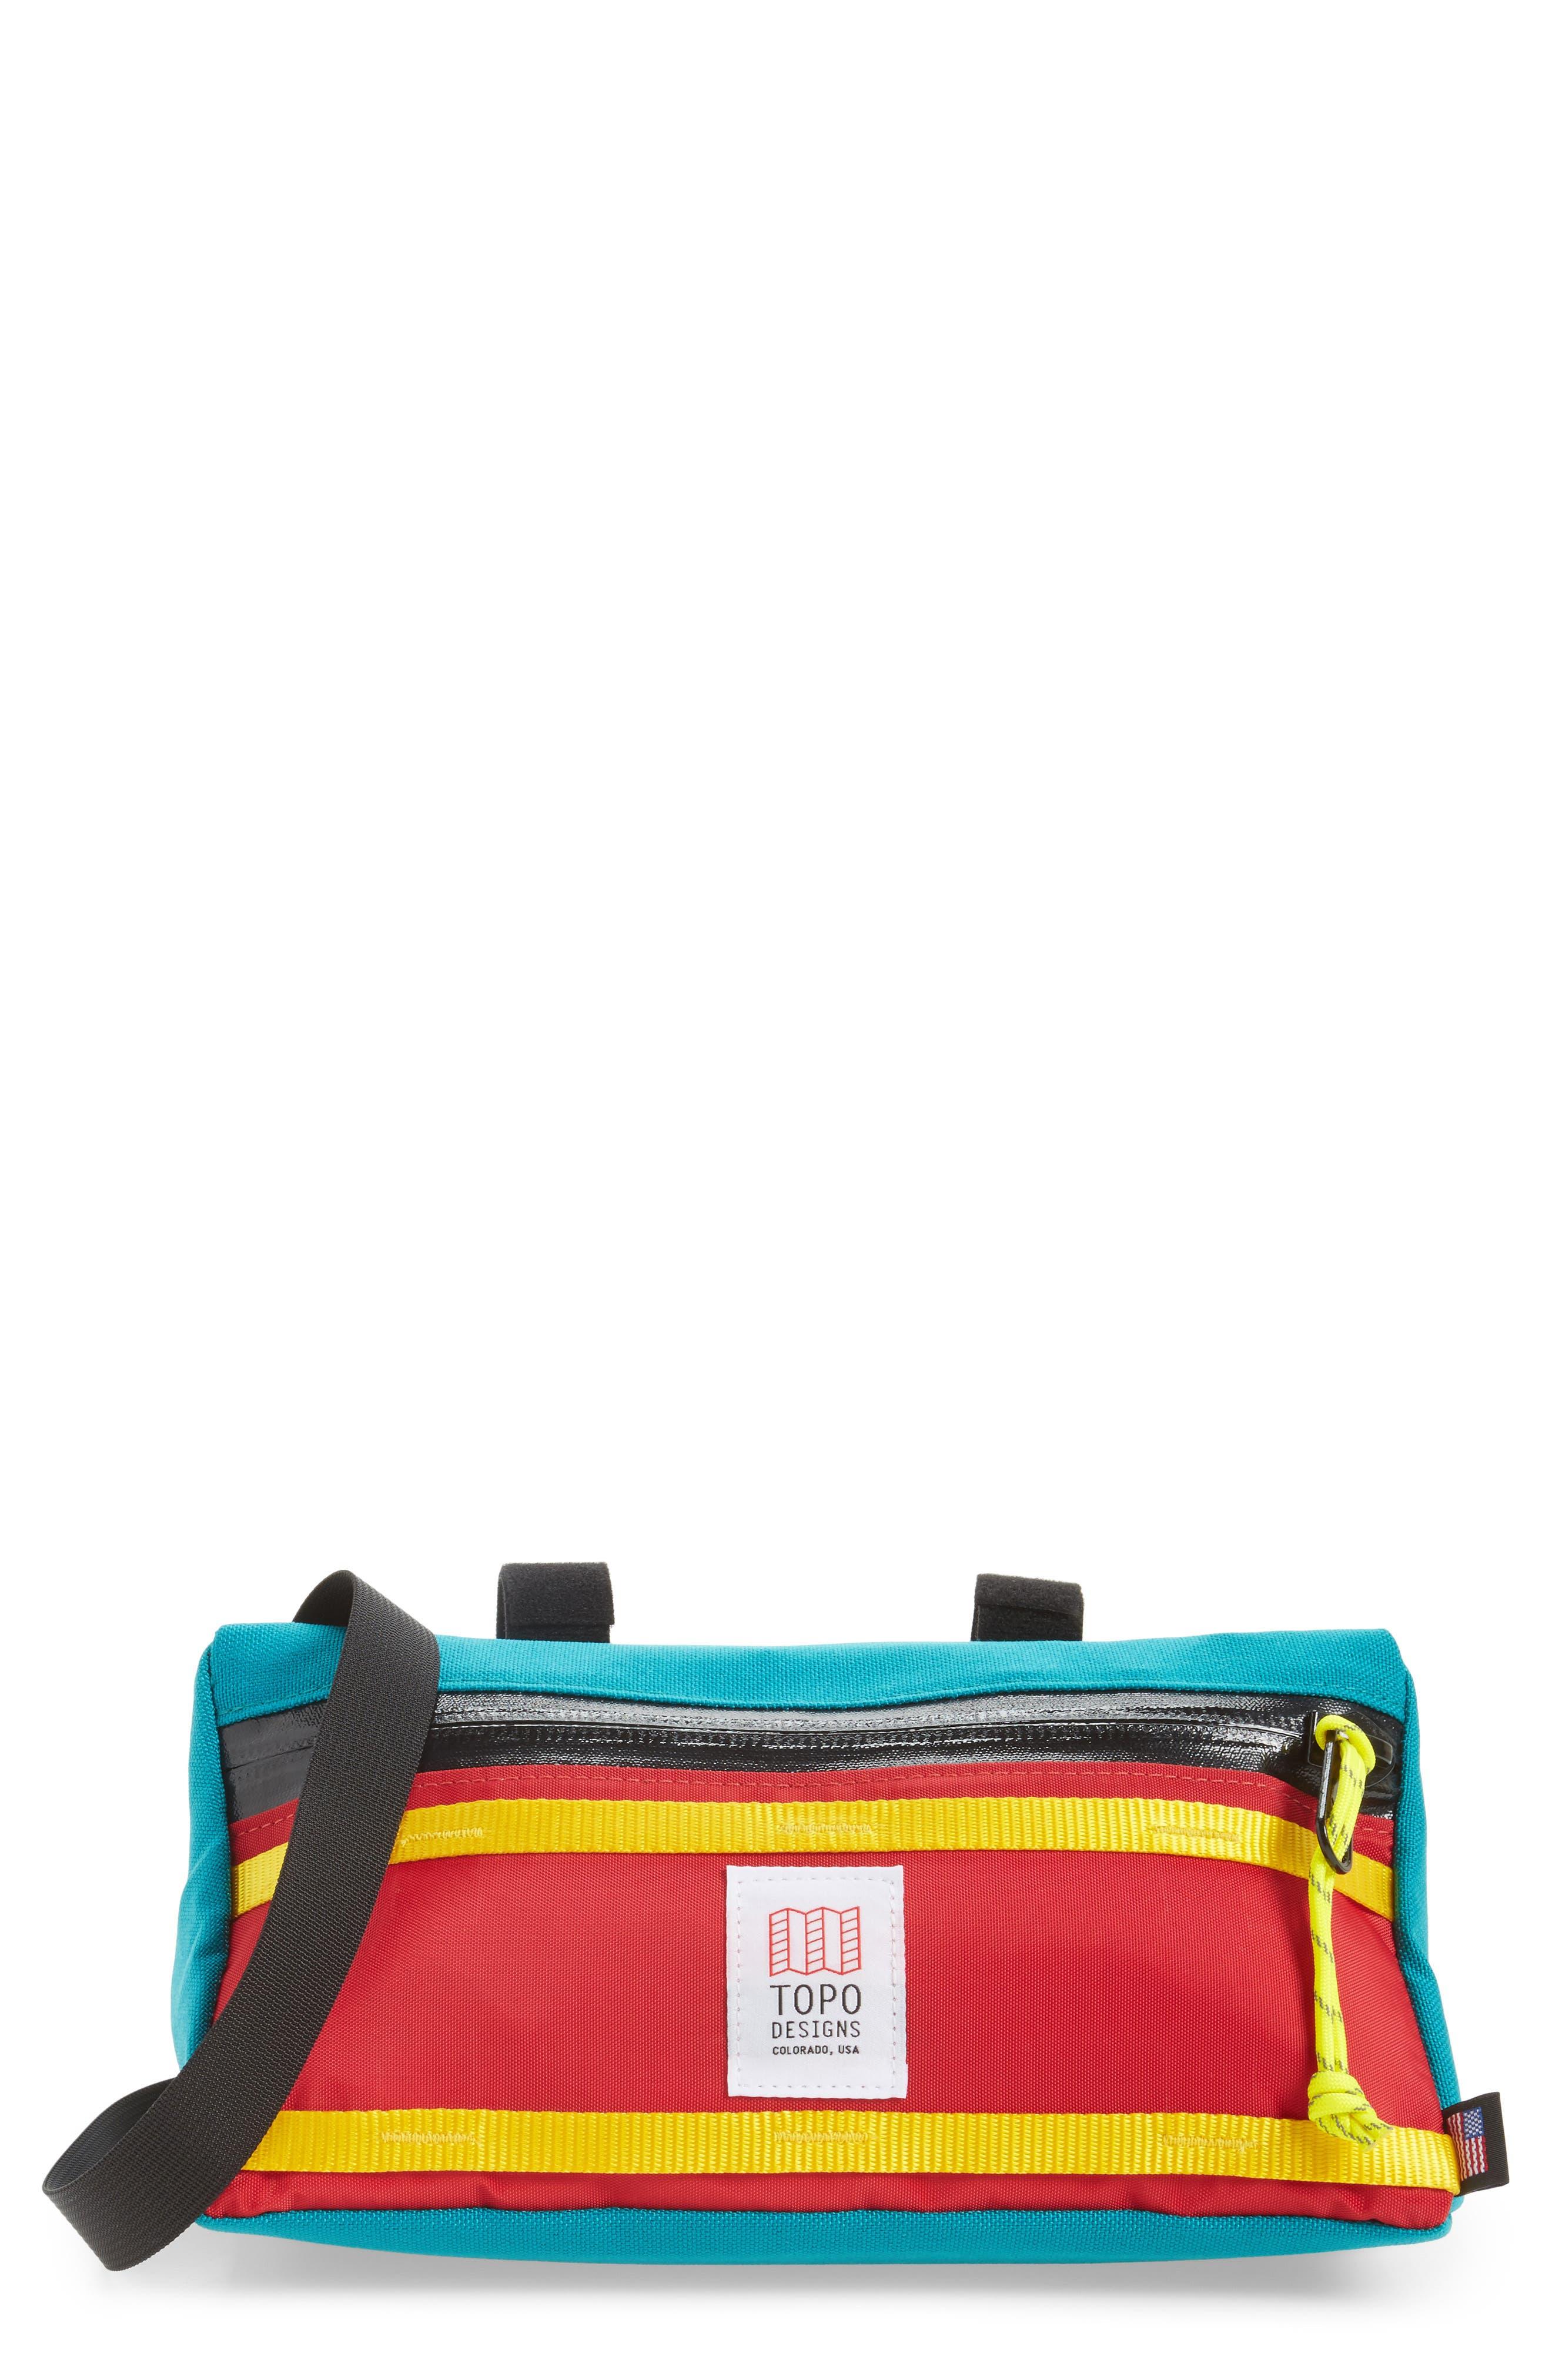 Alternate Image 1 Selected - Topo Designs Bike Bag